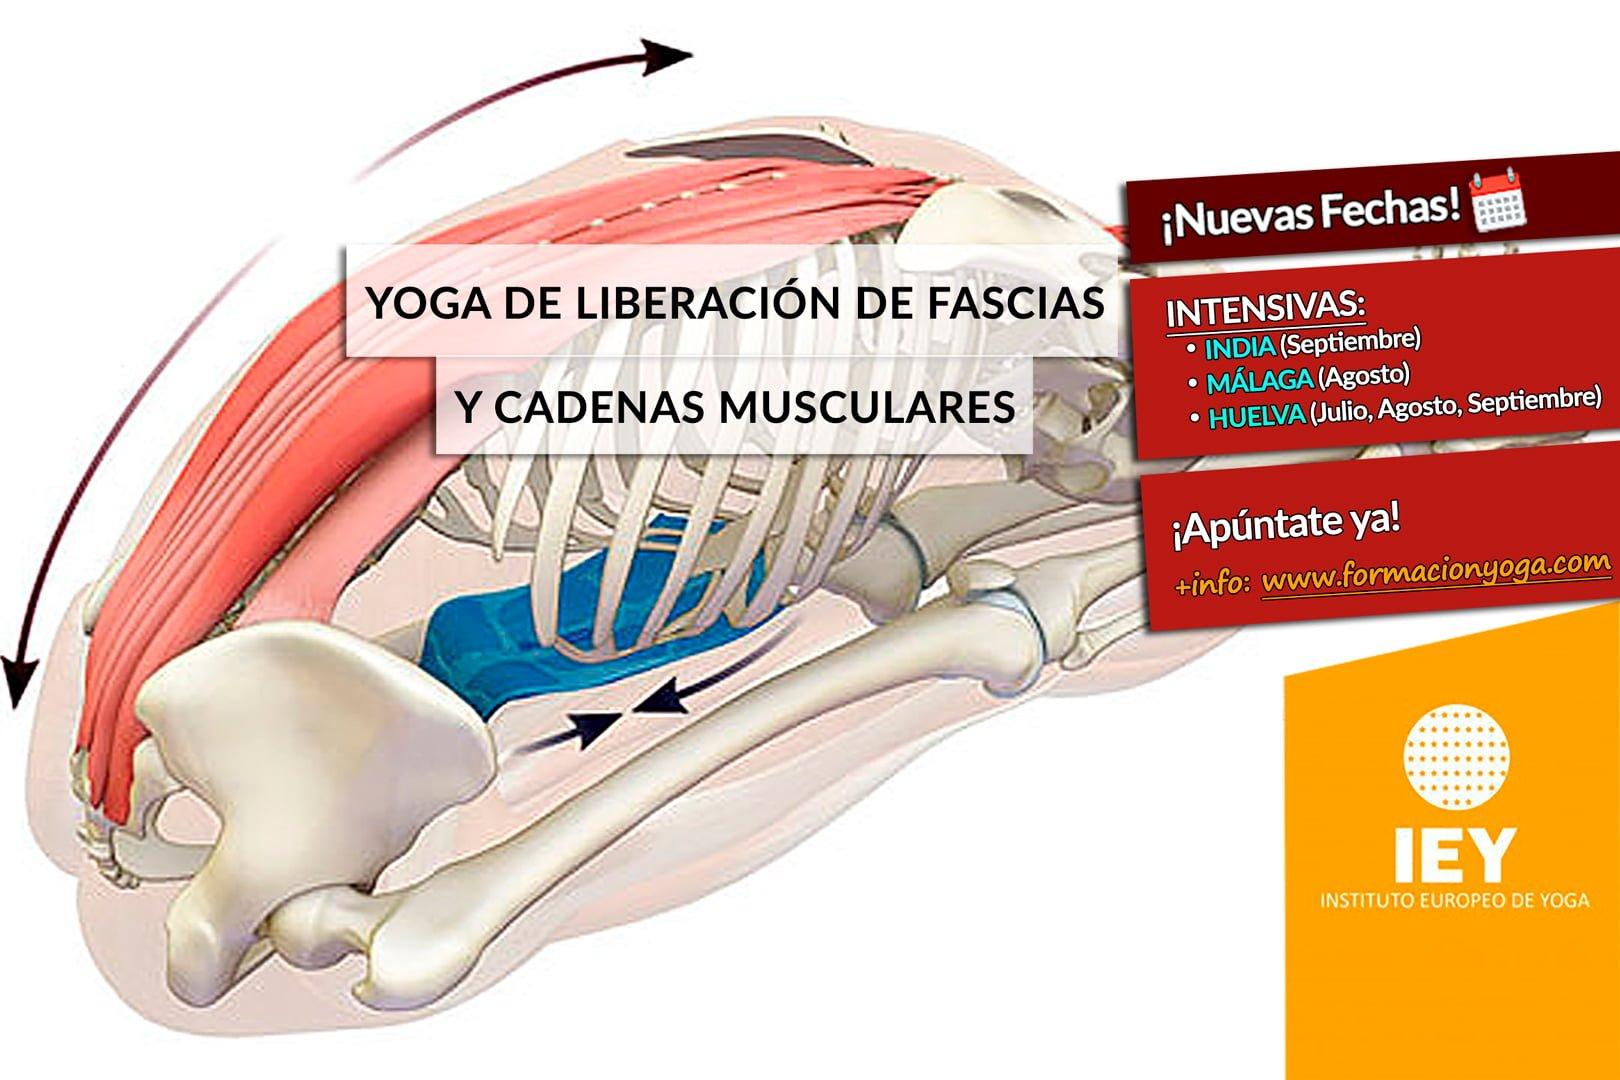 FORMACIÓN EN YOGA DE LIBERACIÓN DE FASCIAS Y CADENAS MUSCULARES ...